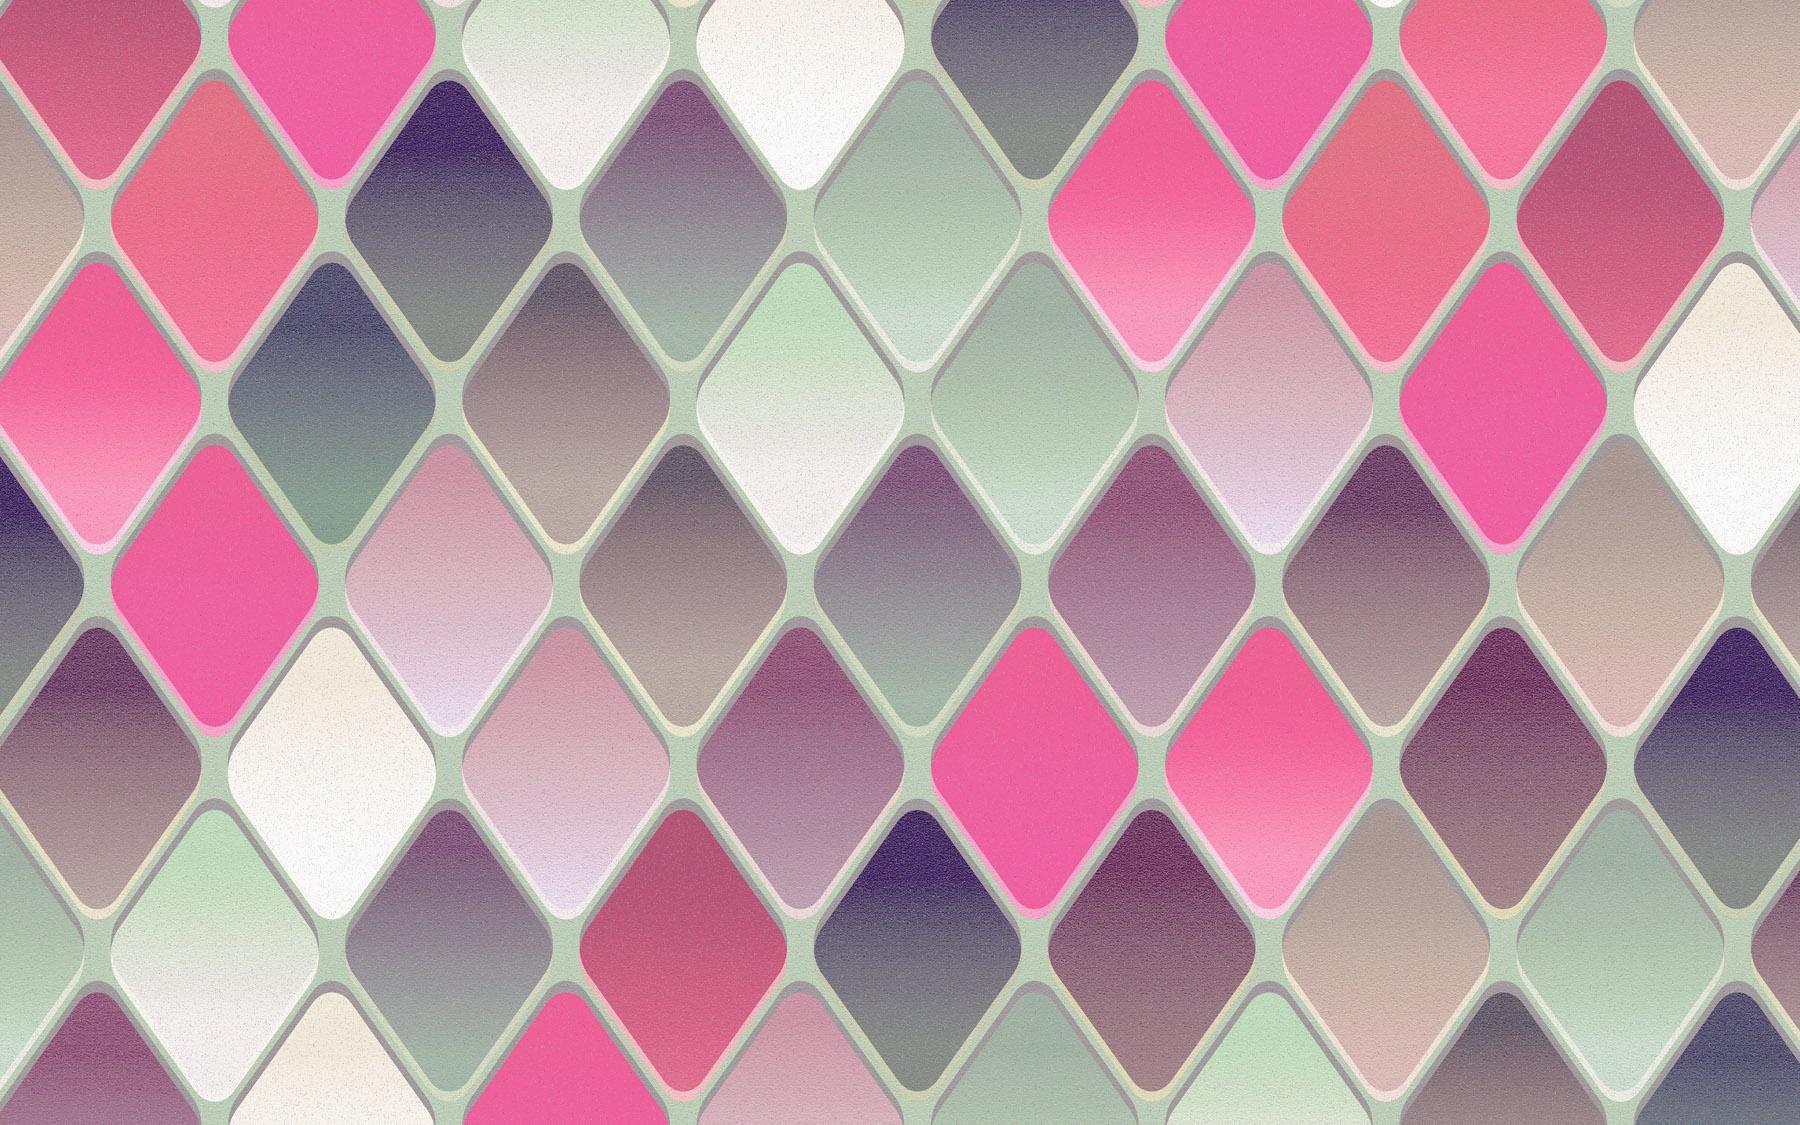 pink-flat-image.jpg